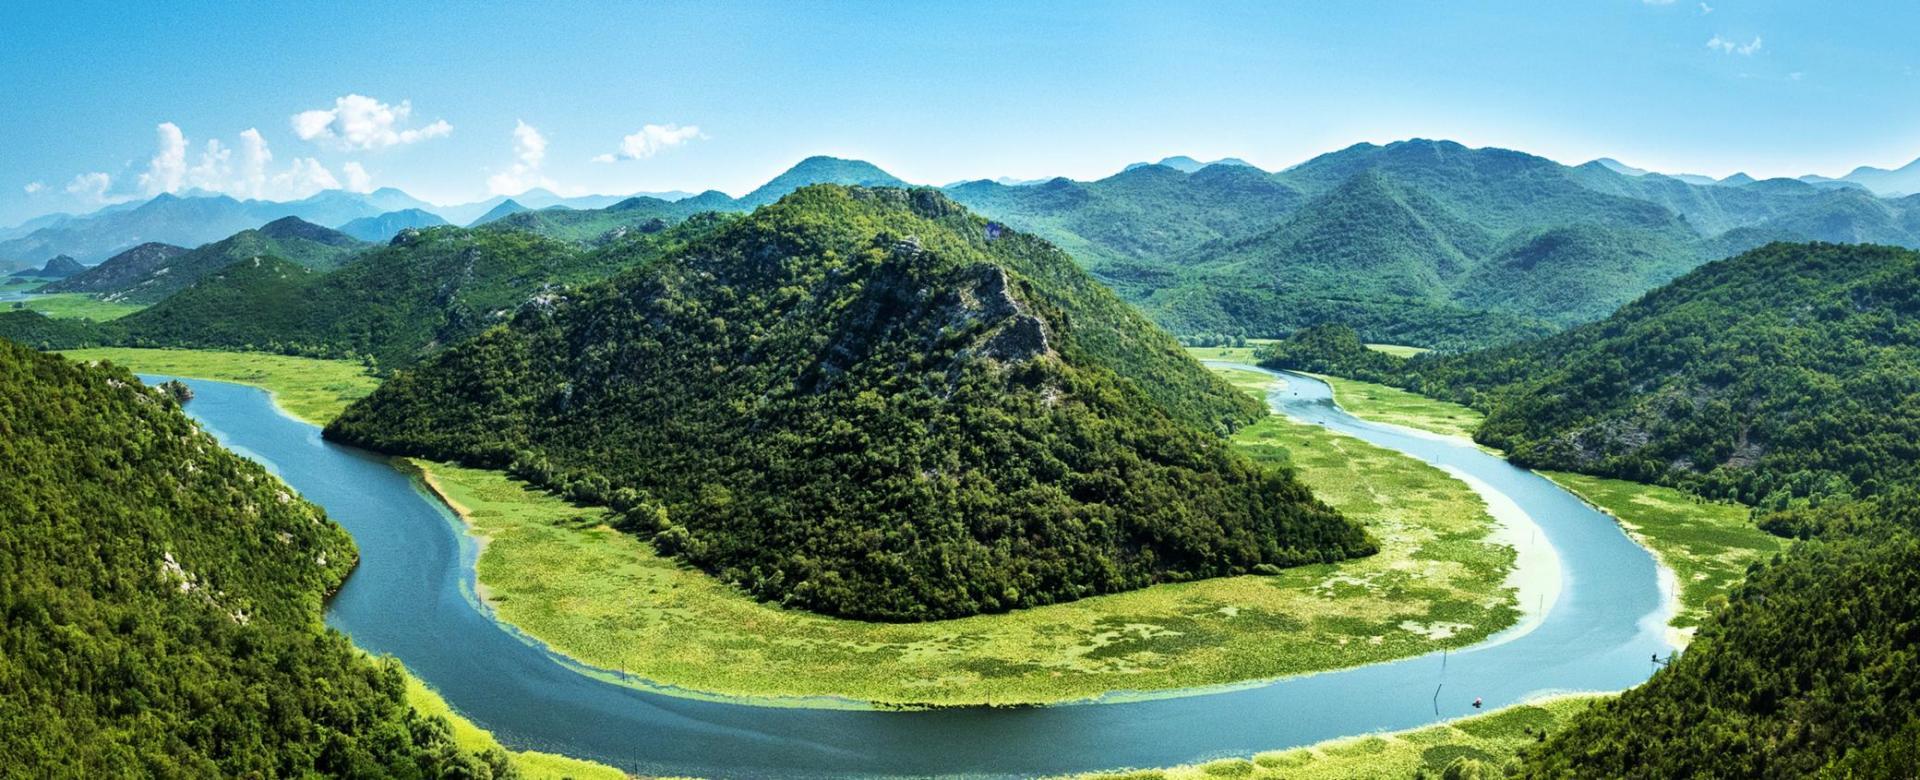 Voyage à pied Montenegro : Le grand tour du monténégro